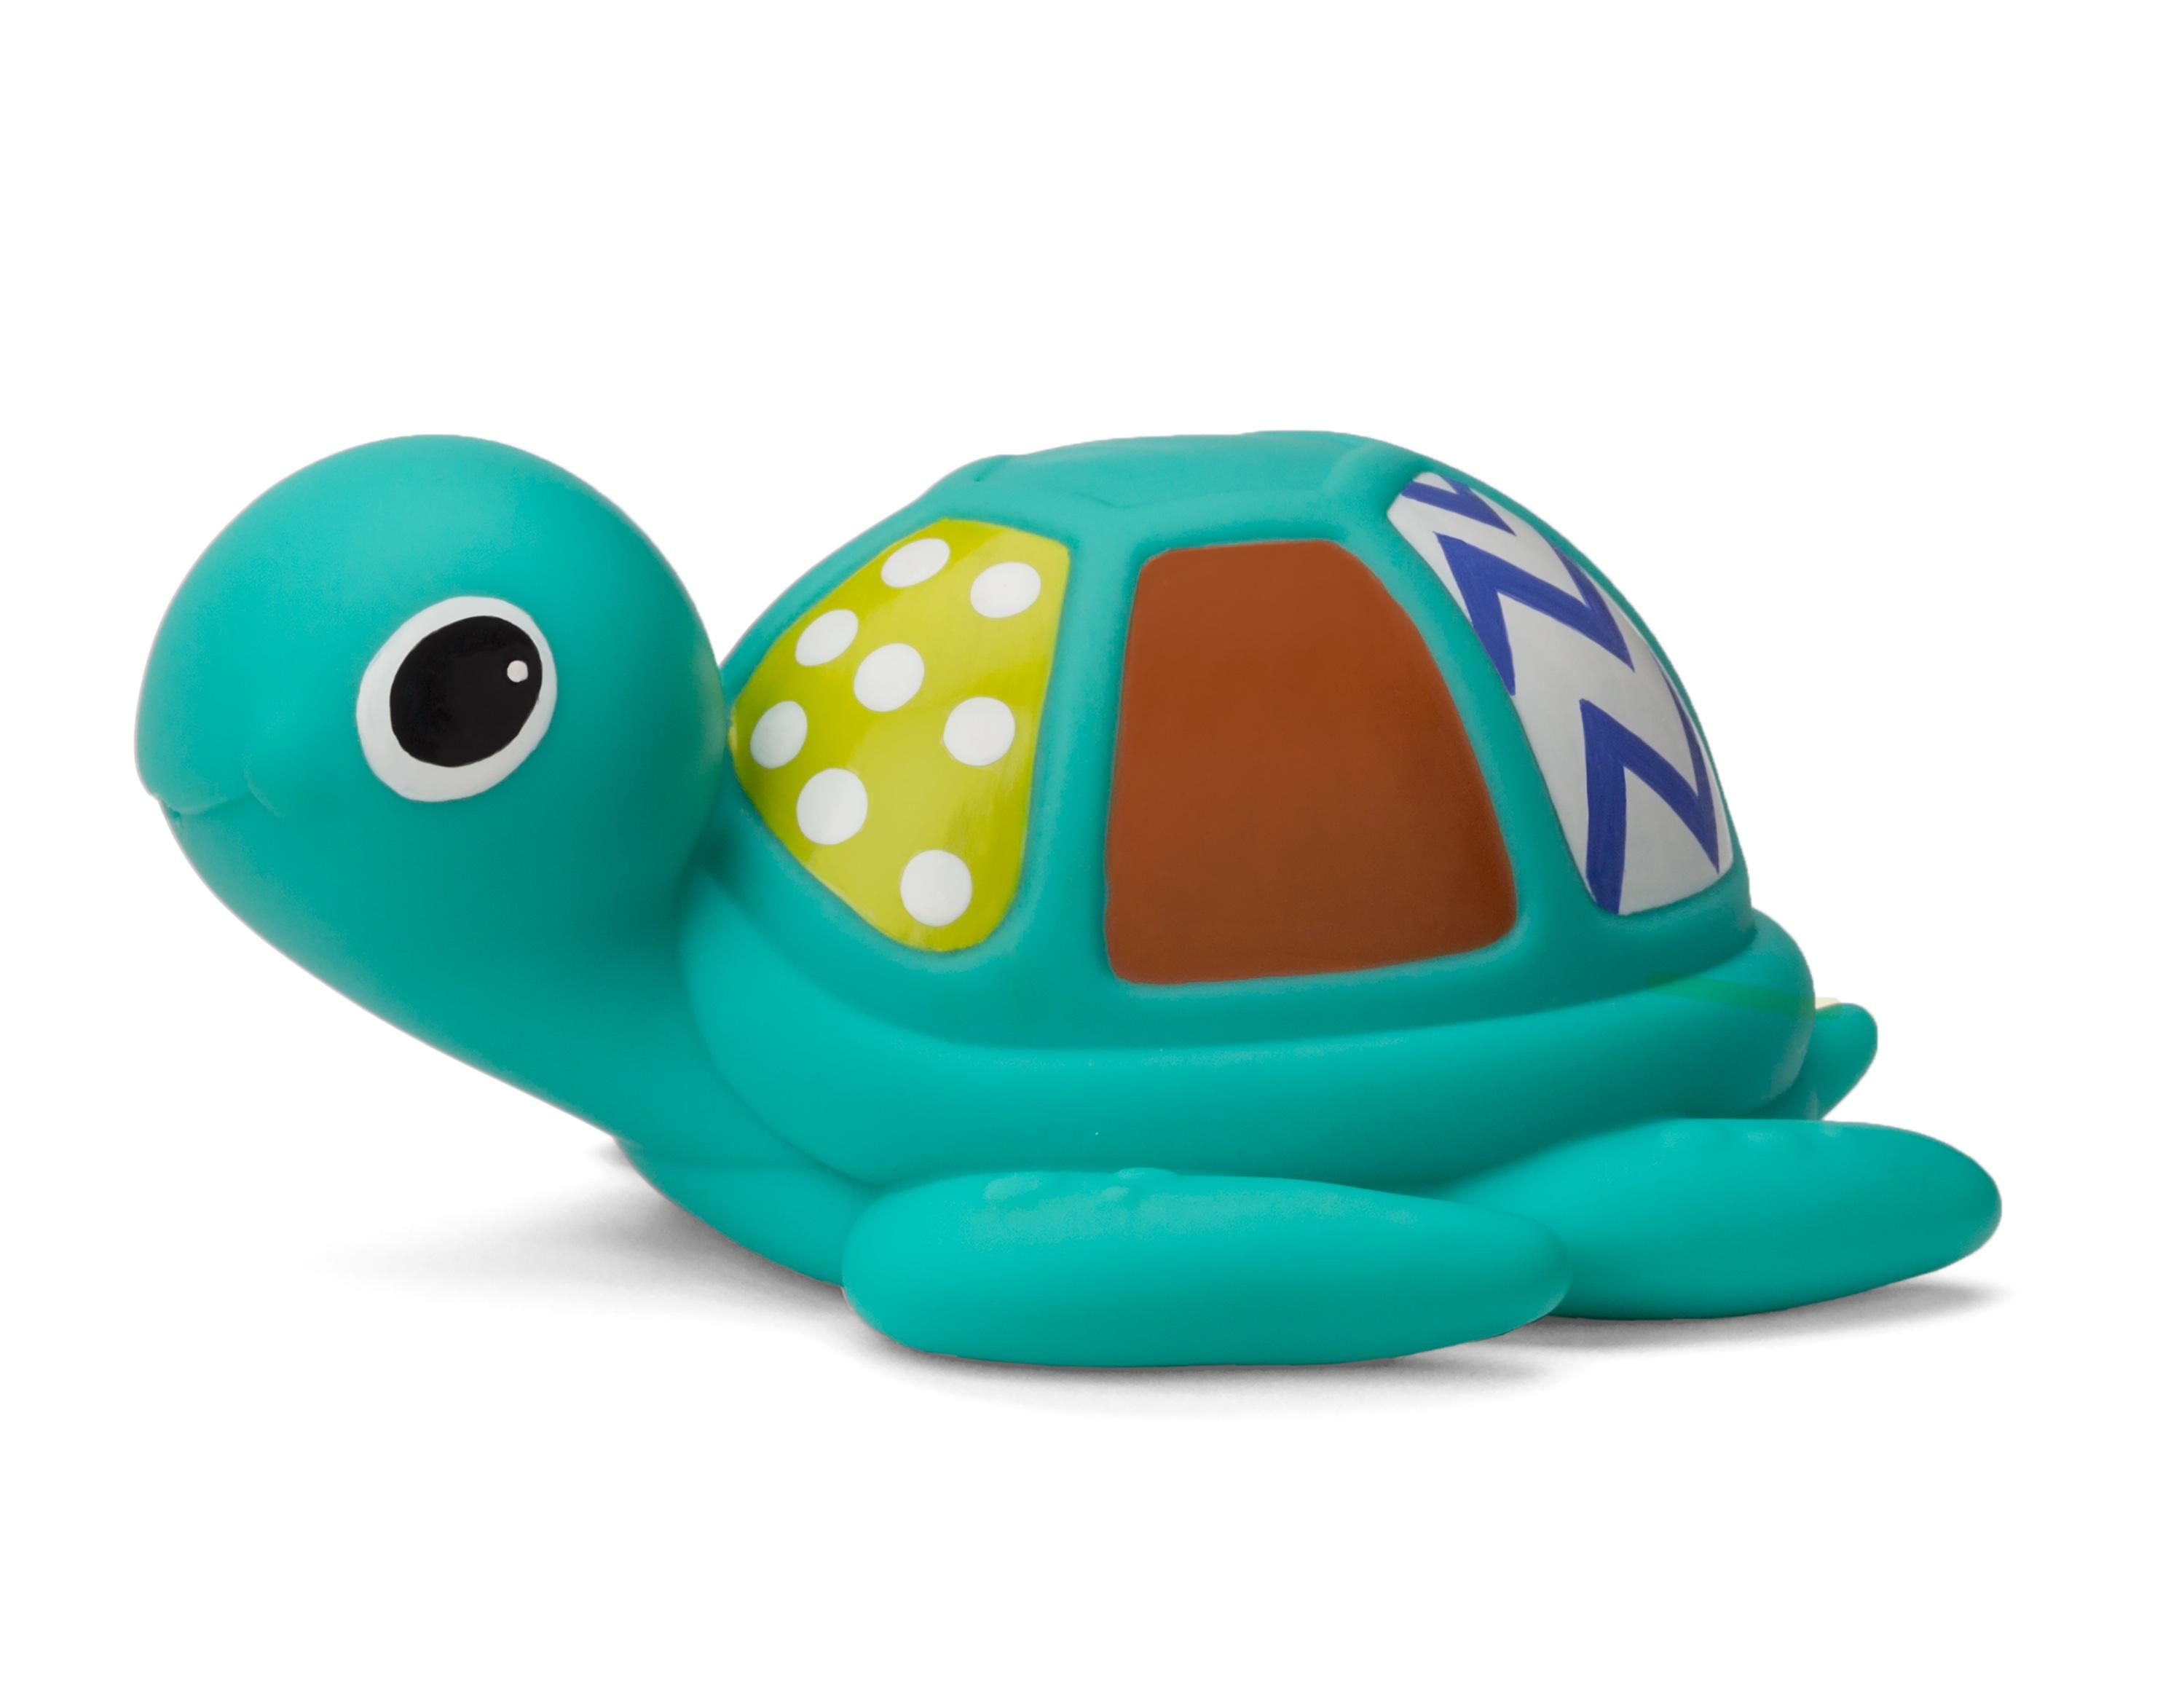 Želvička Jumbo do koupele